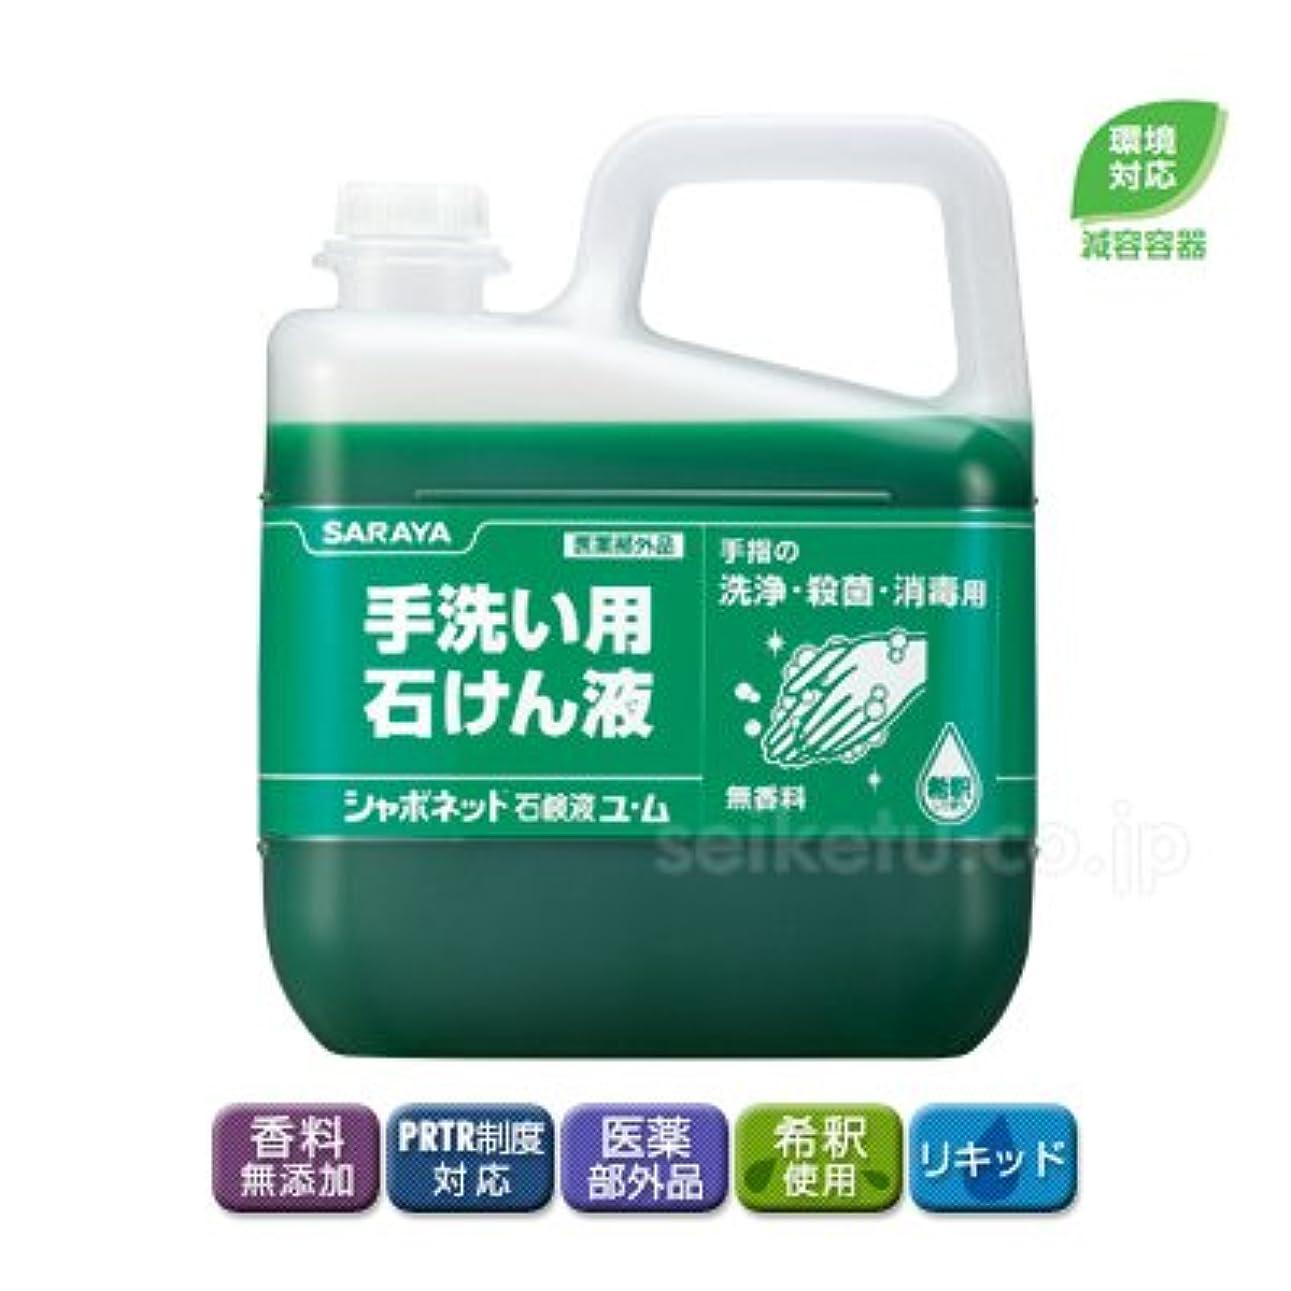 減少クール芽【清潔キレイ館】サラヤ シャボネット石鹸液ユ?ム(5kg)